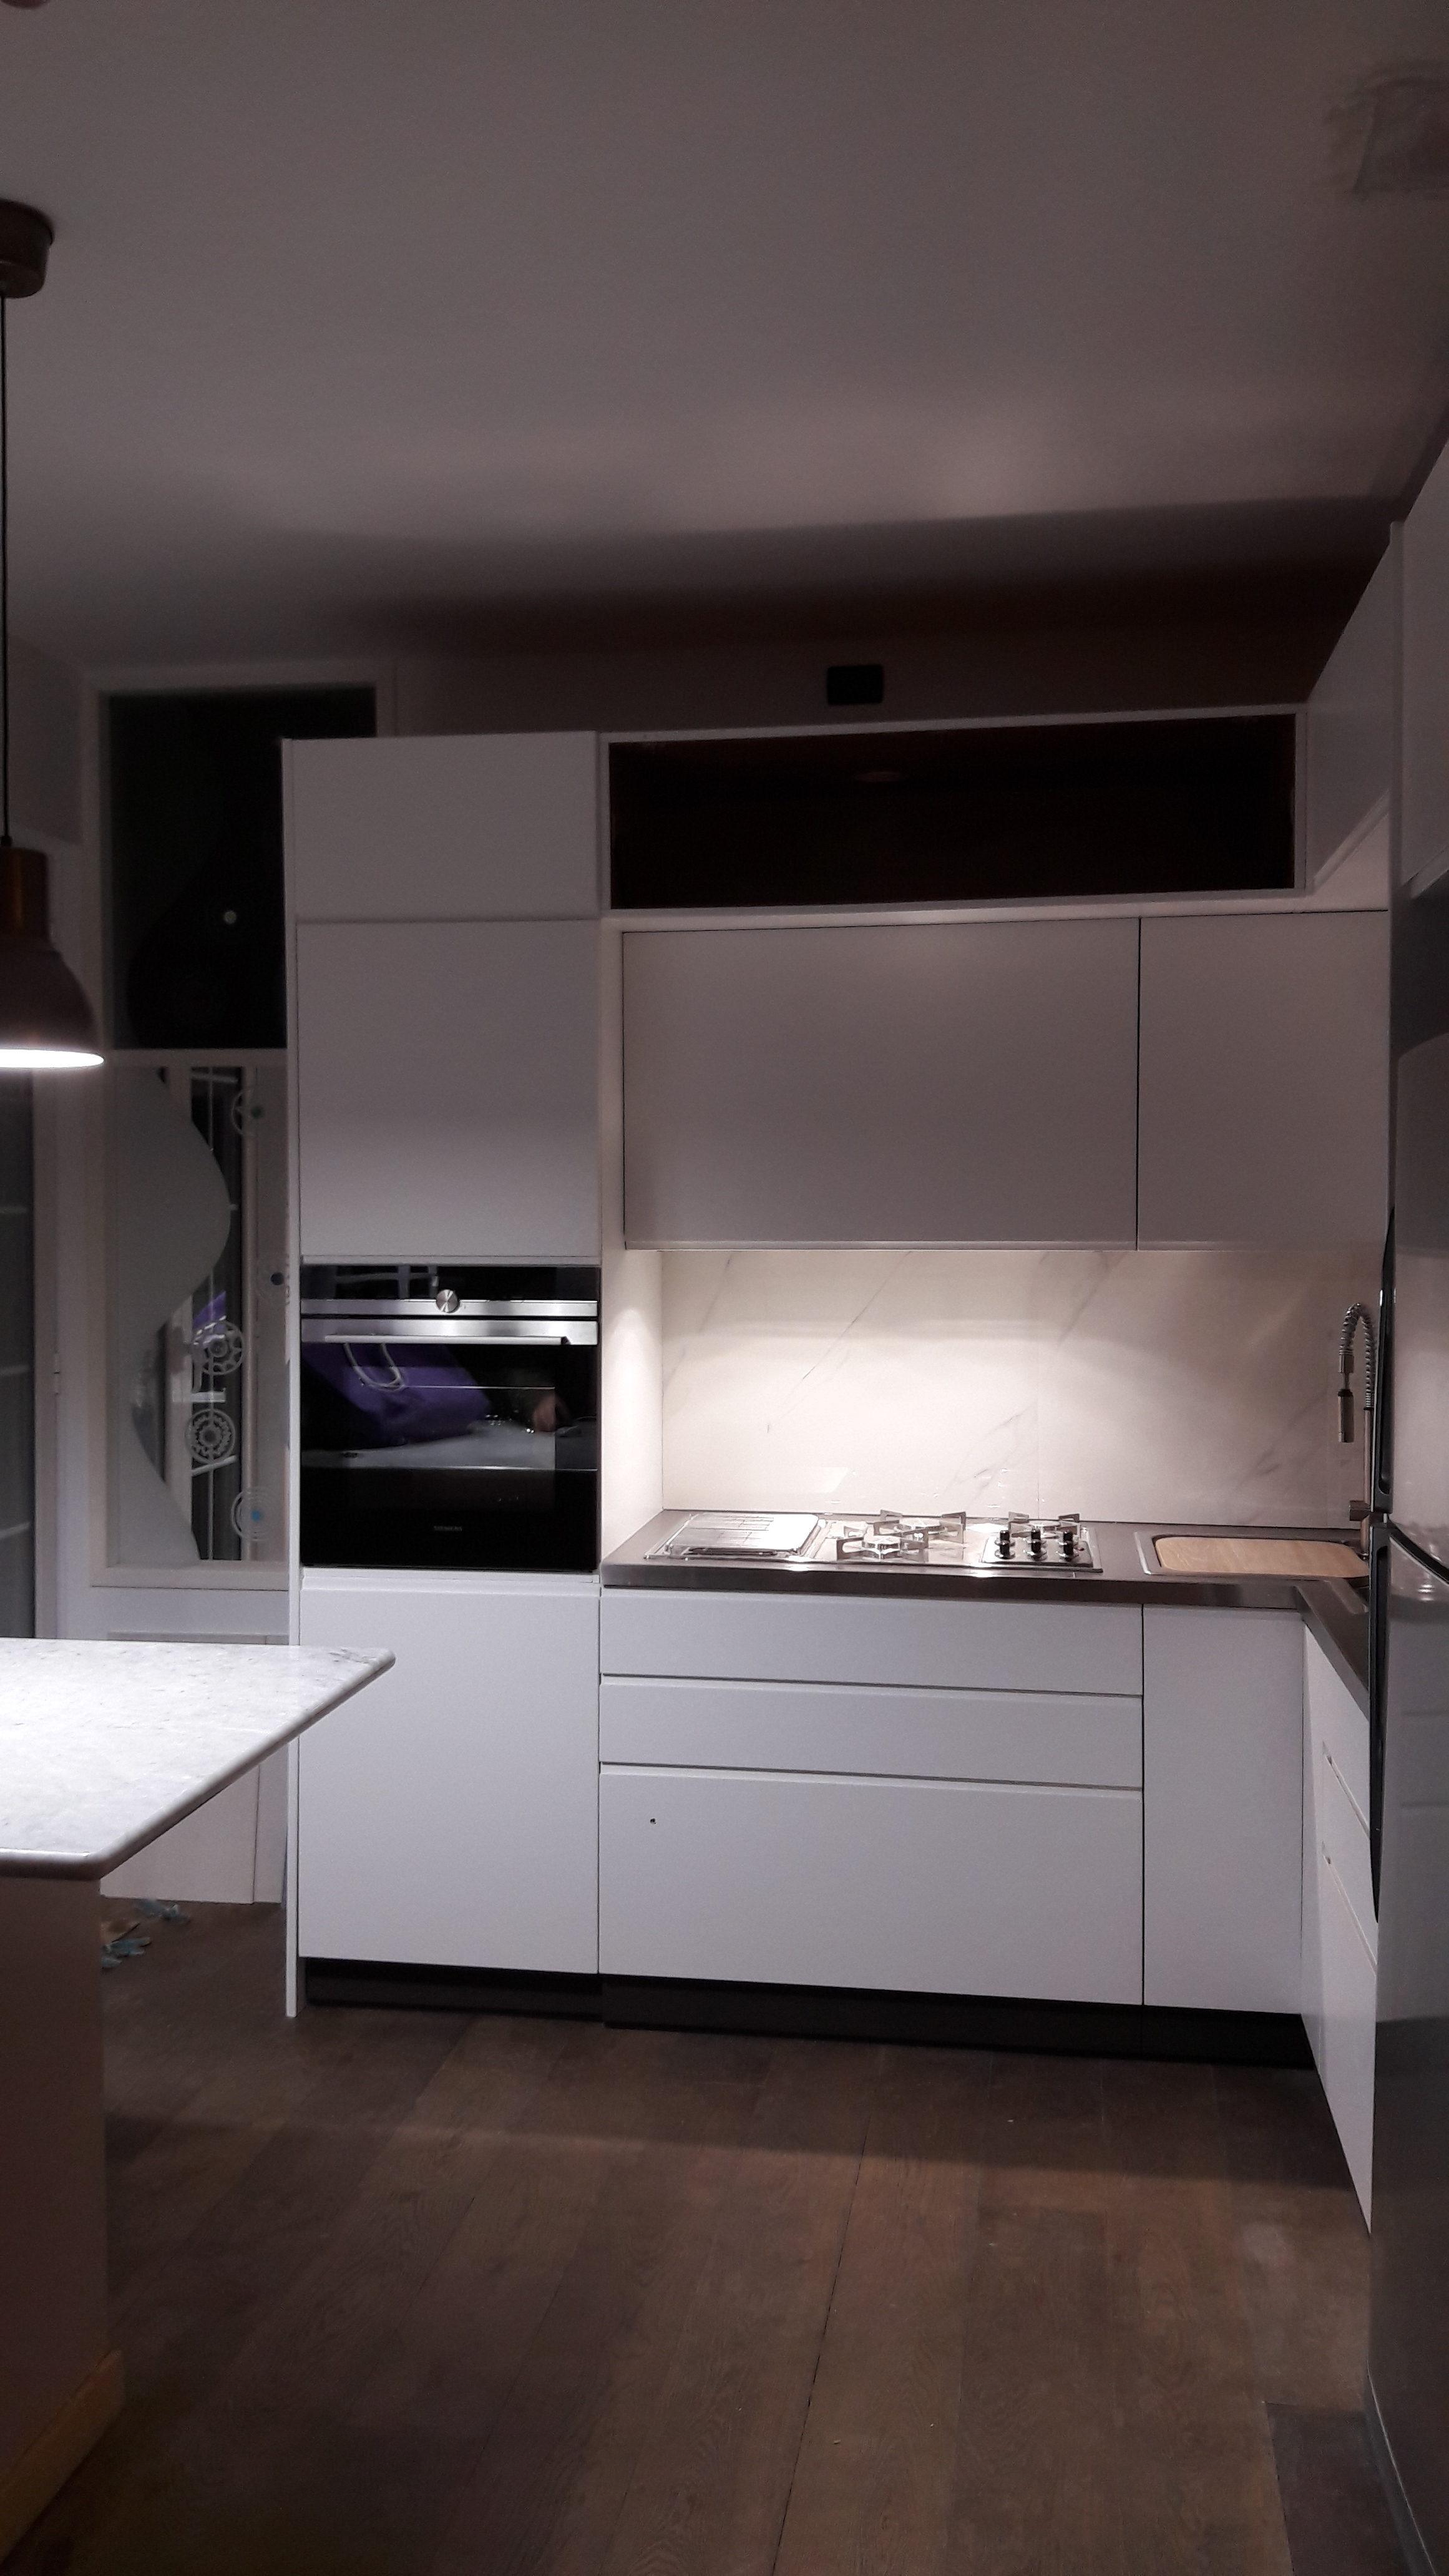 Cucina Su Misura Falegname cucine su misura, falegname personale milano (2